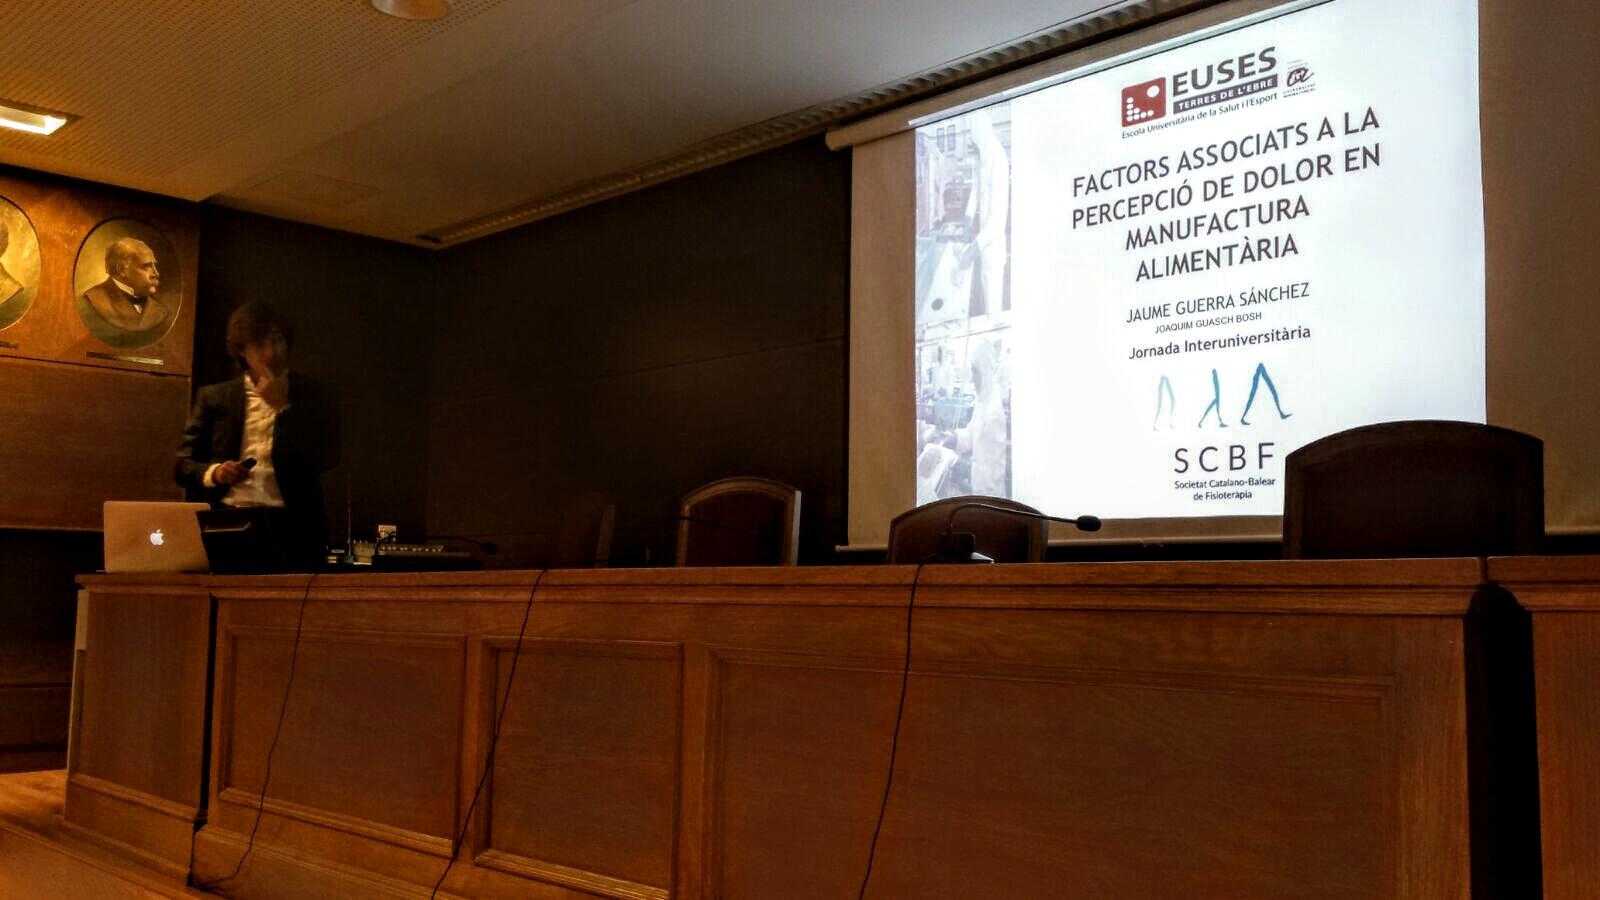 El fisioterapeuta graduat per EUSES Terres de l'Ebre Jaume Guerra presenta el seu treball de final de grau en la Jornada Interuniversitària de laSocietat Catalano-Balear